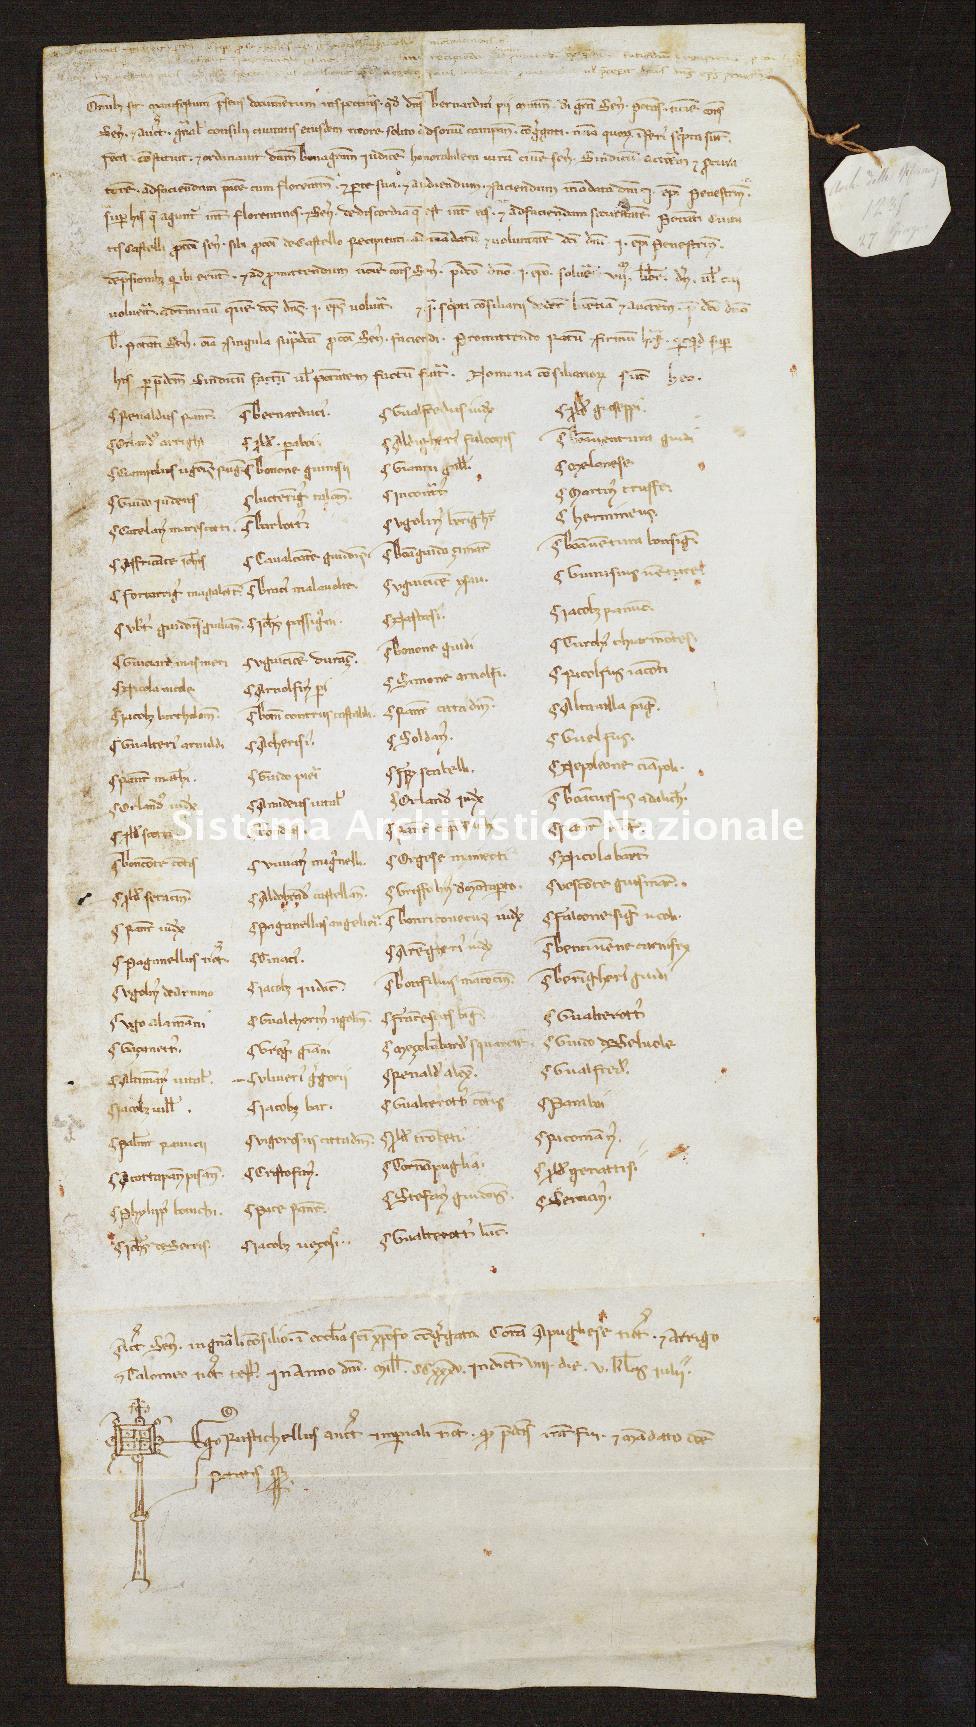 536. Archivio di Stato di SIENA, Diplomatico, Diplomatico Riformagioni, Pergamena 0538 - 1235 giugno 27, casella 59